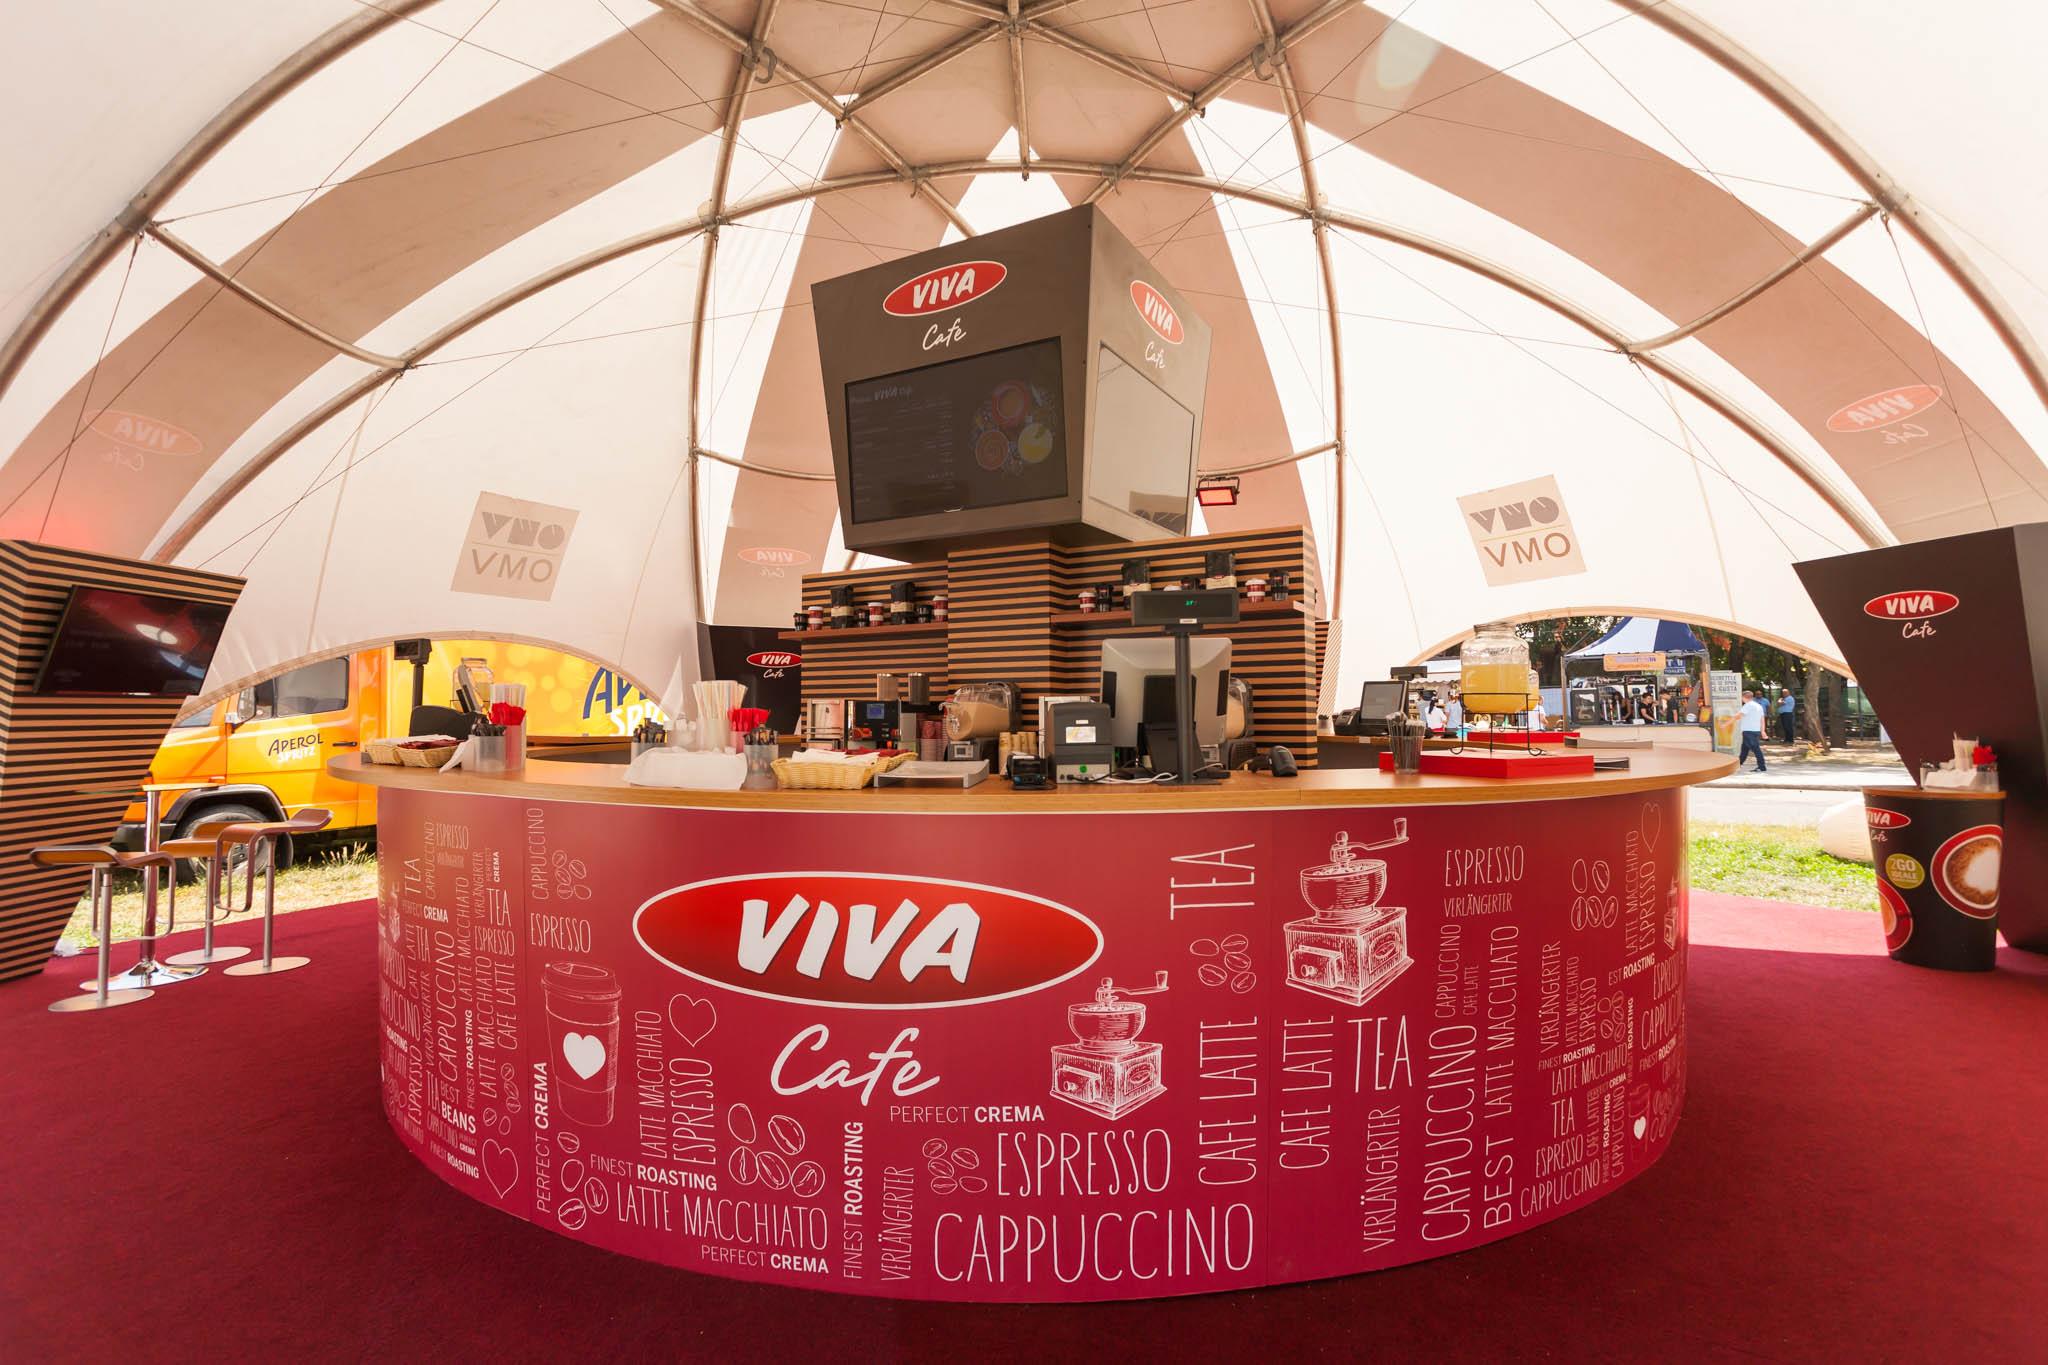 (P) VIVA Cafe te așteaptă la Bucharest Street Food Carnival să-ți iei ceașca de energie